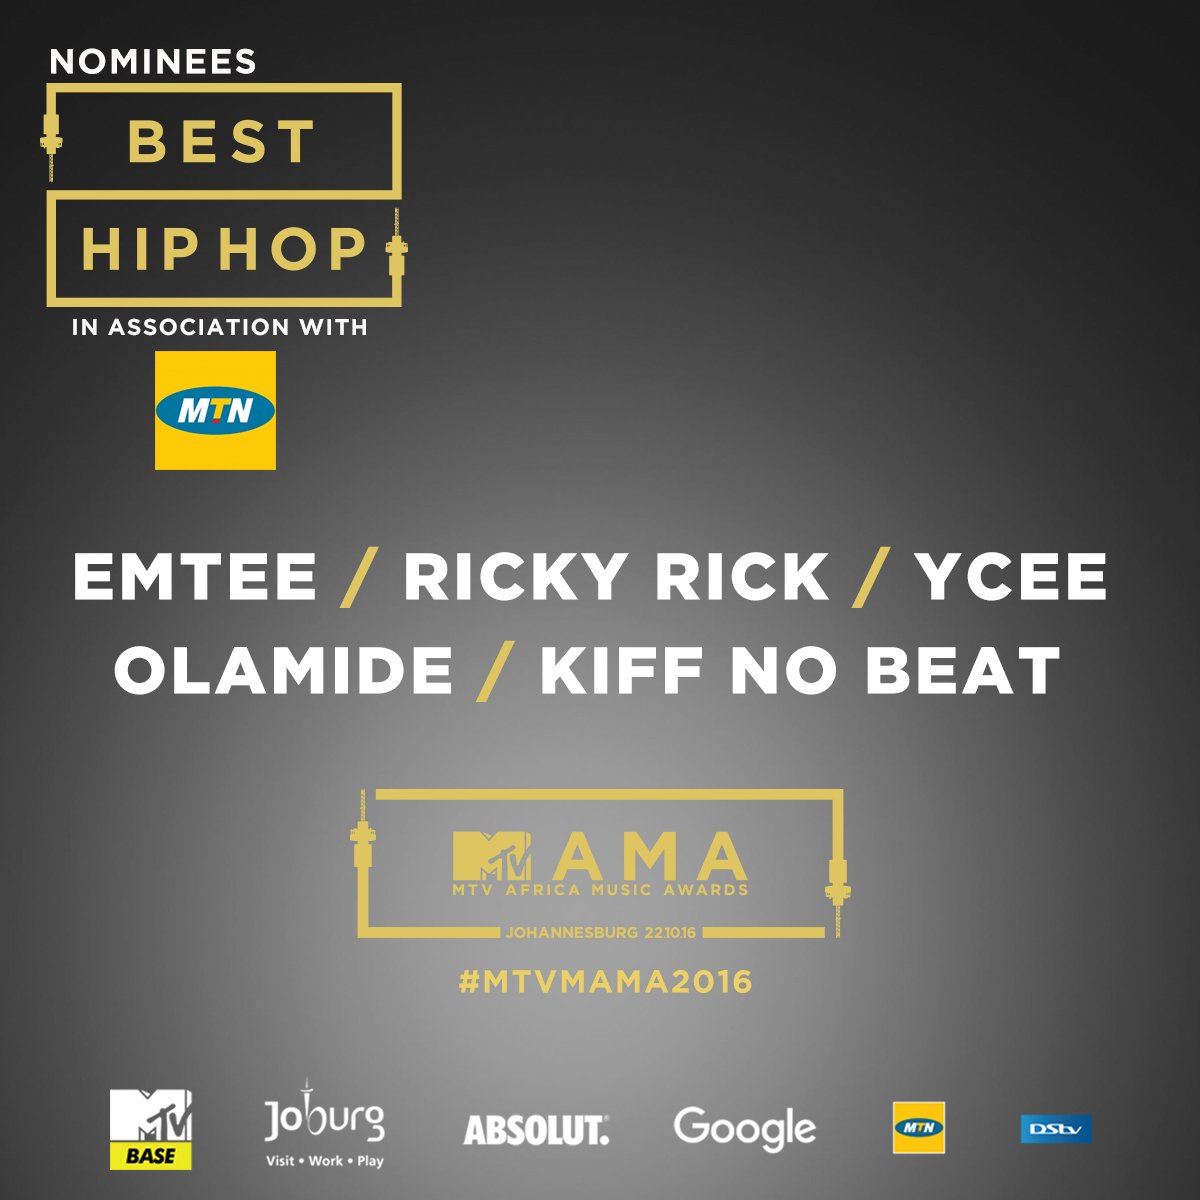 best-hip-hop